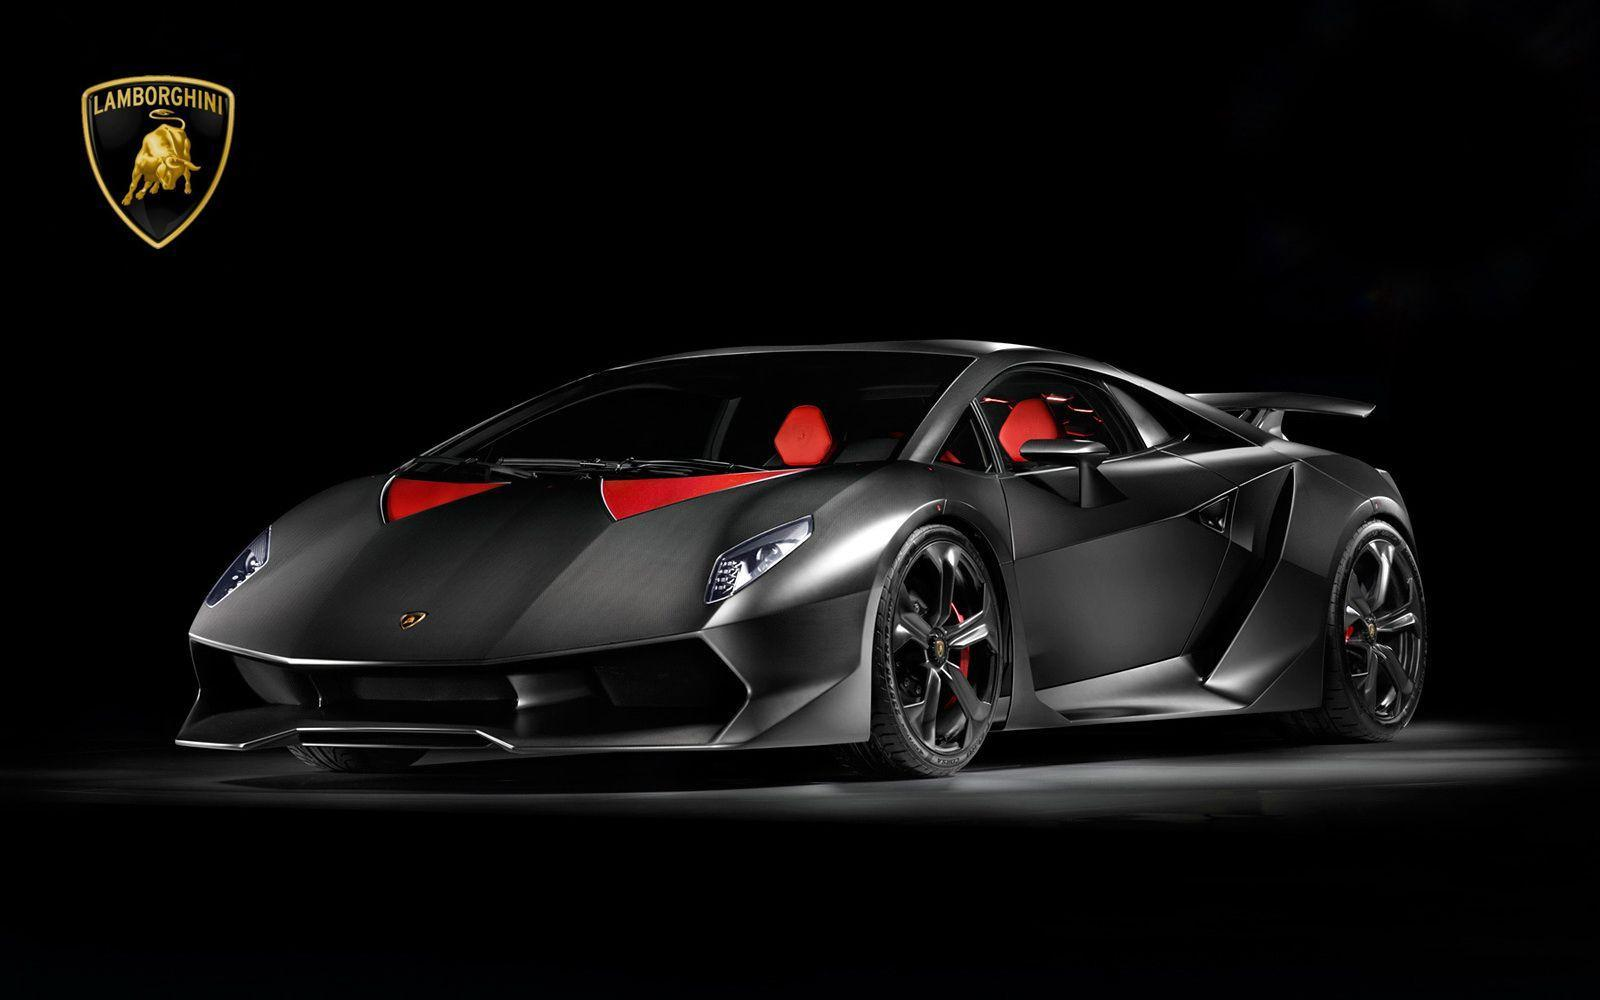 Lamborghini Sesto Elemento Wallpapers Wallpaper Cave